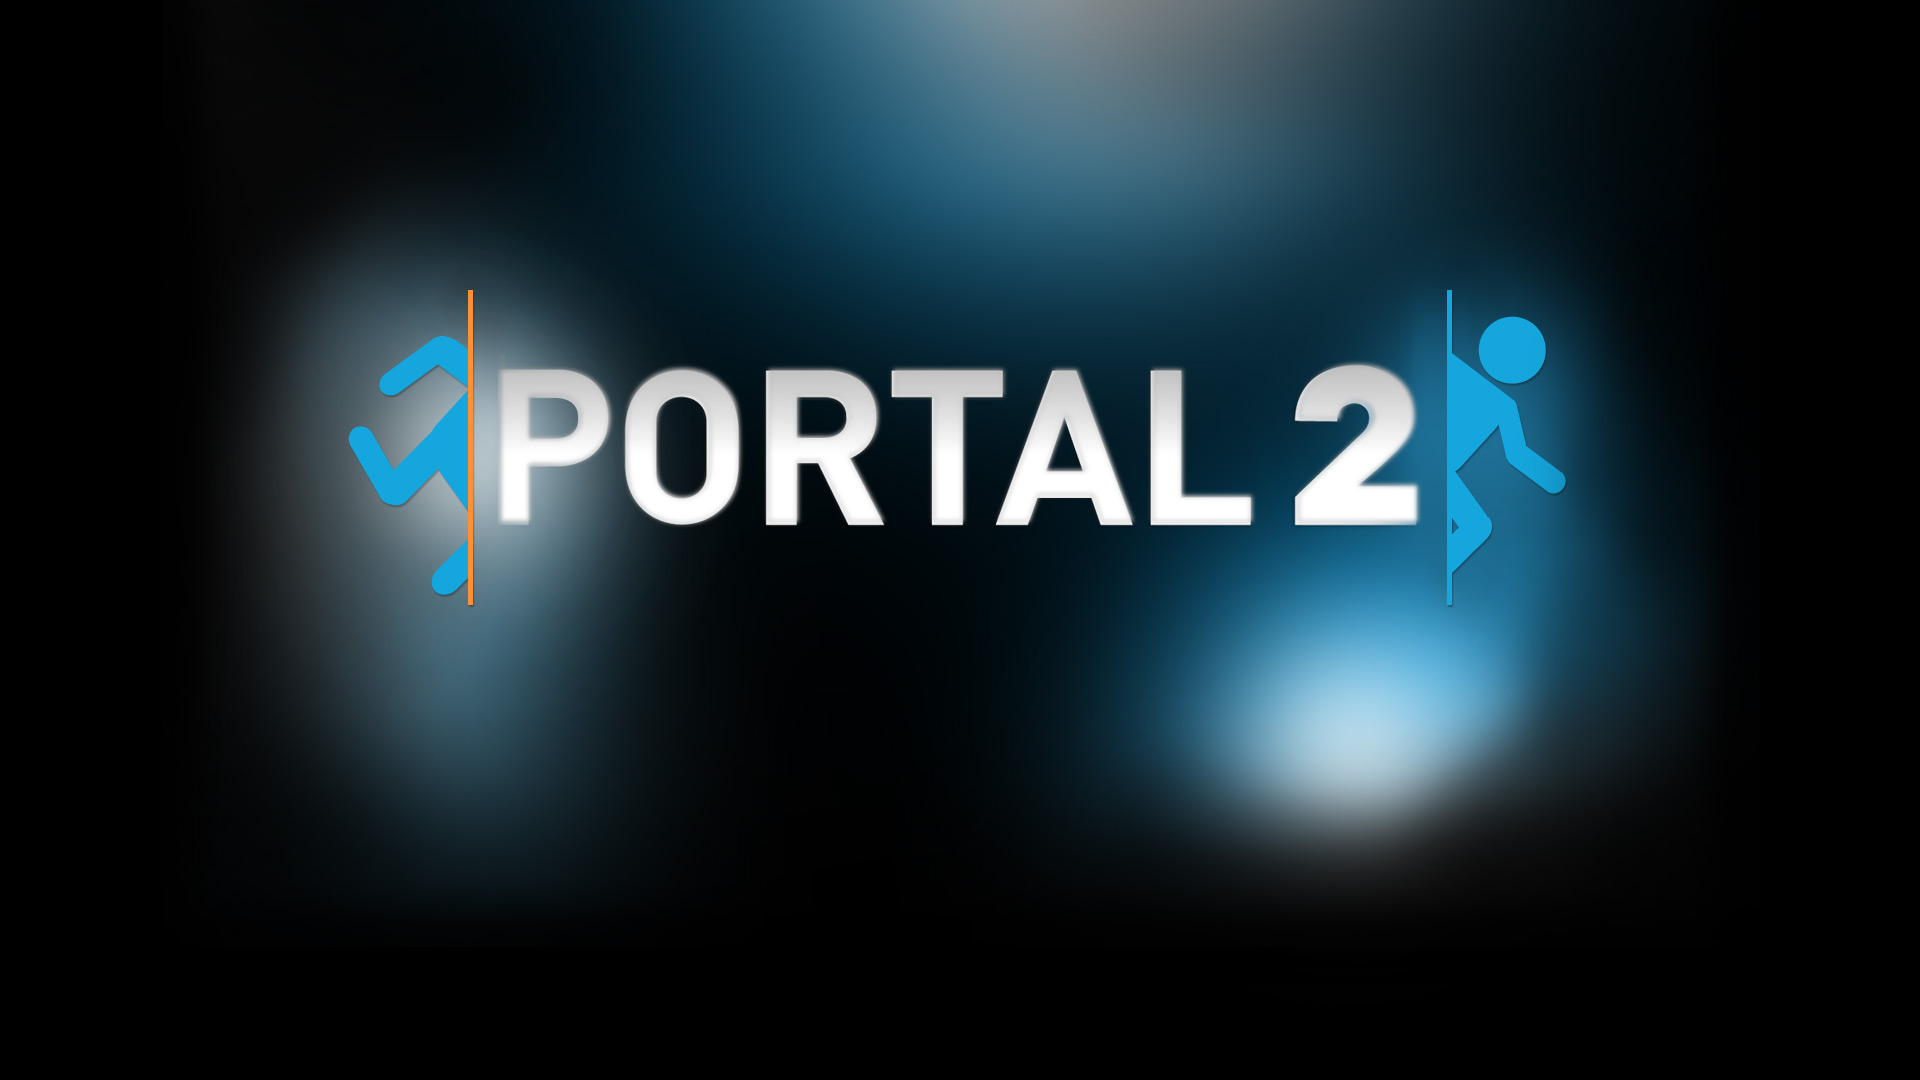 Steam Community Market Listings For 620 Portal 2 Logo